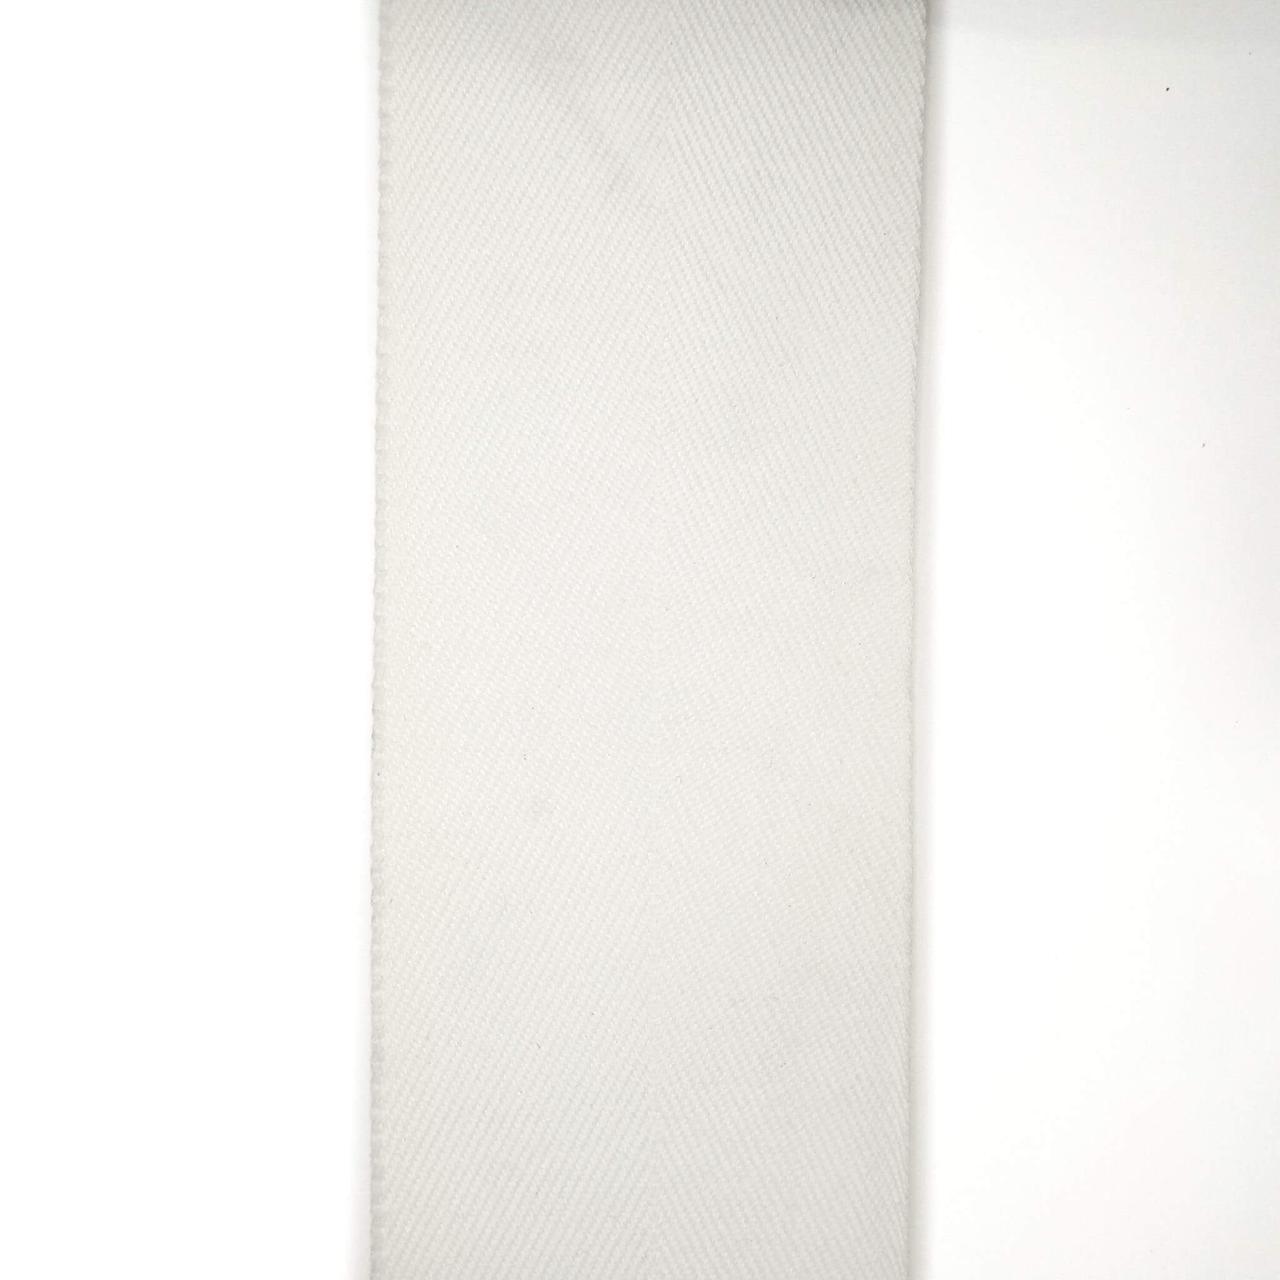 Технічна стрічка 70 мм ( 25 м/рулон)